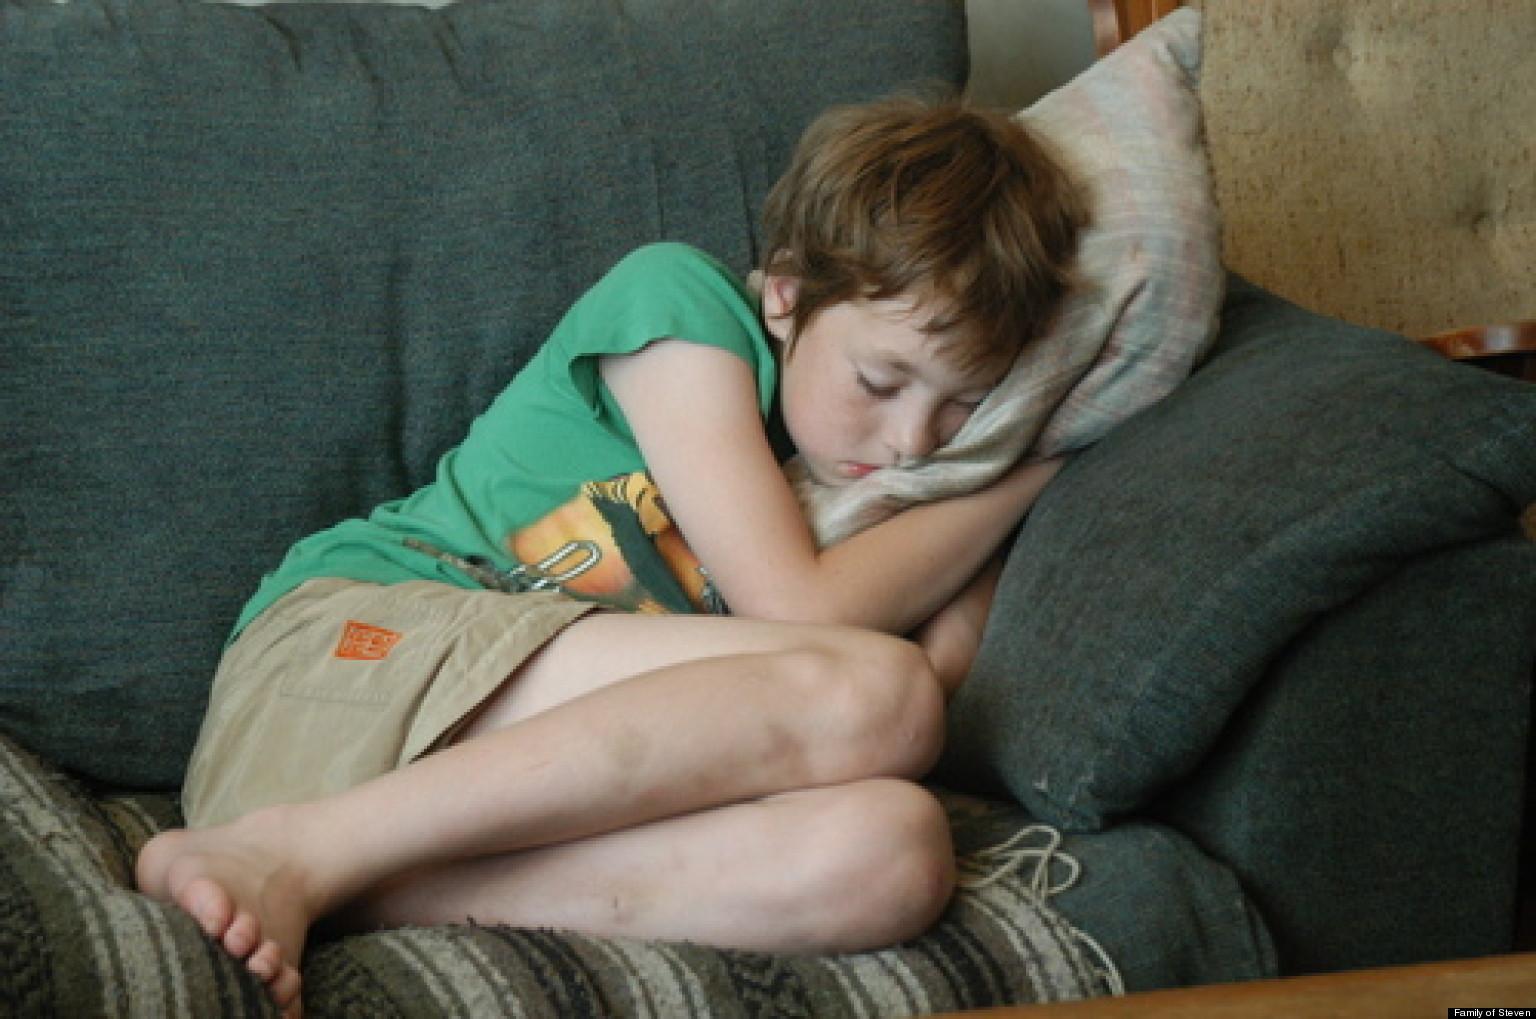 Sleeping teen gallery and movie